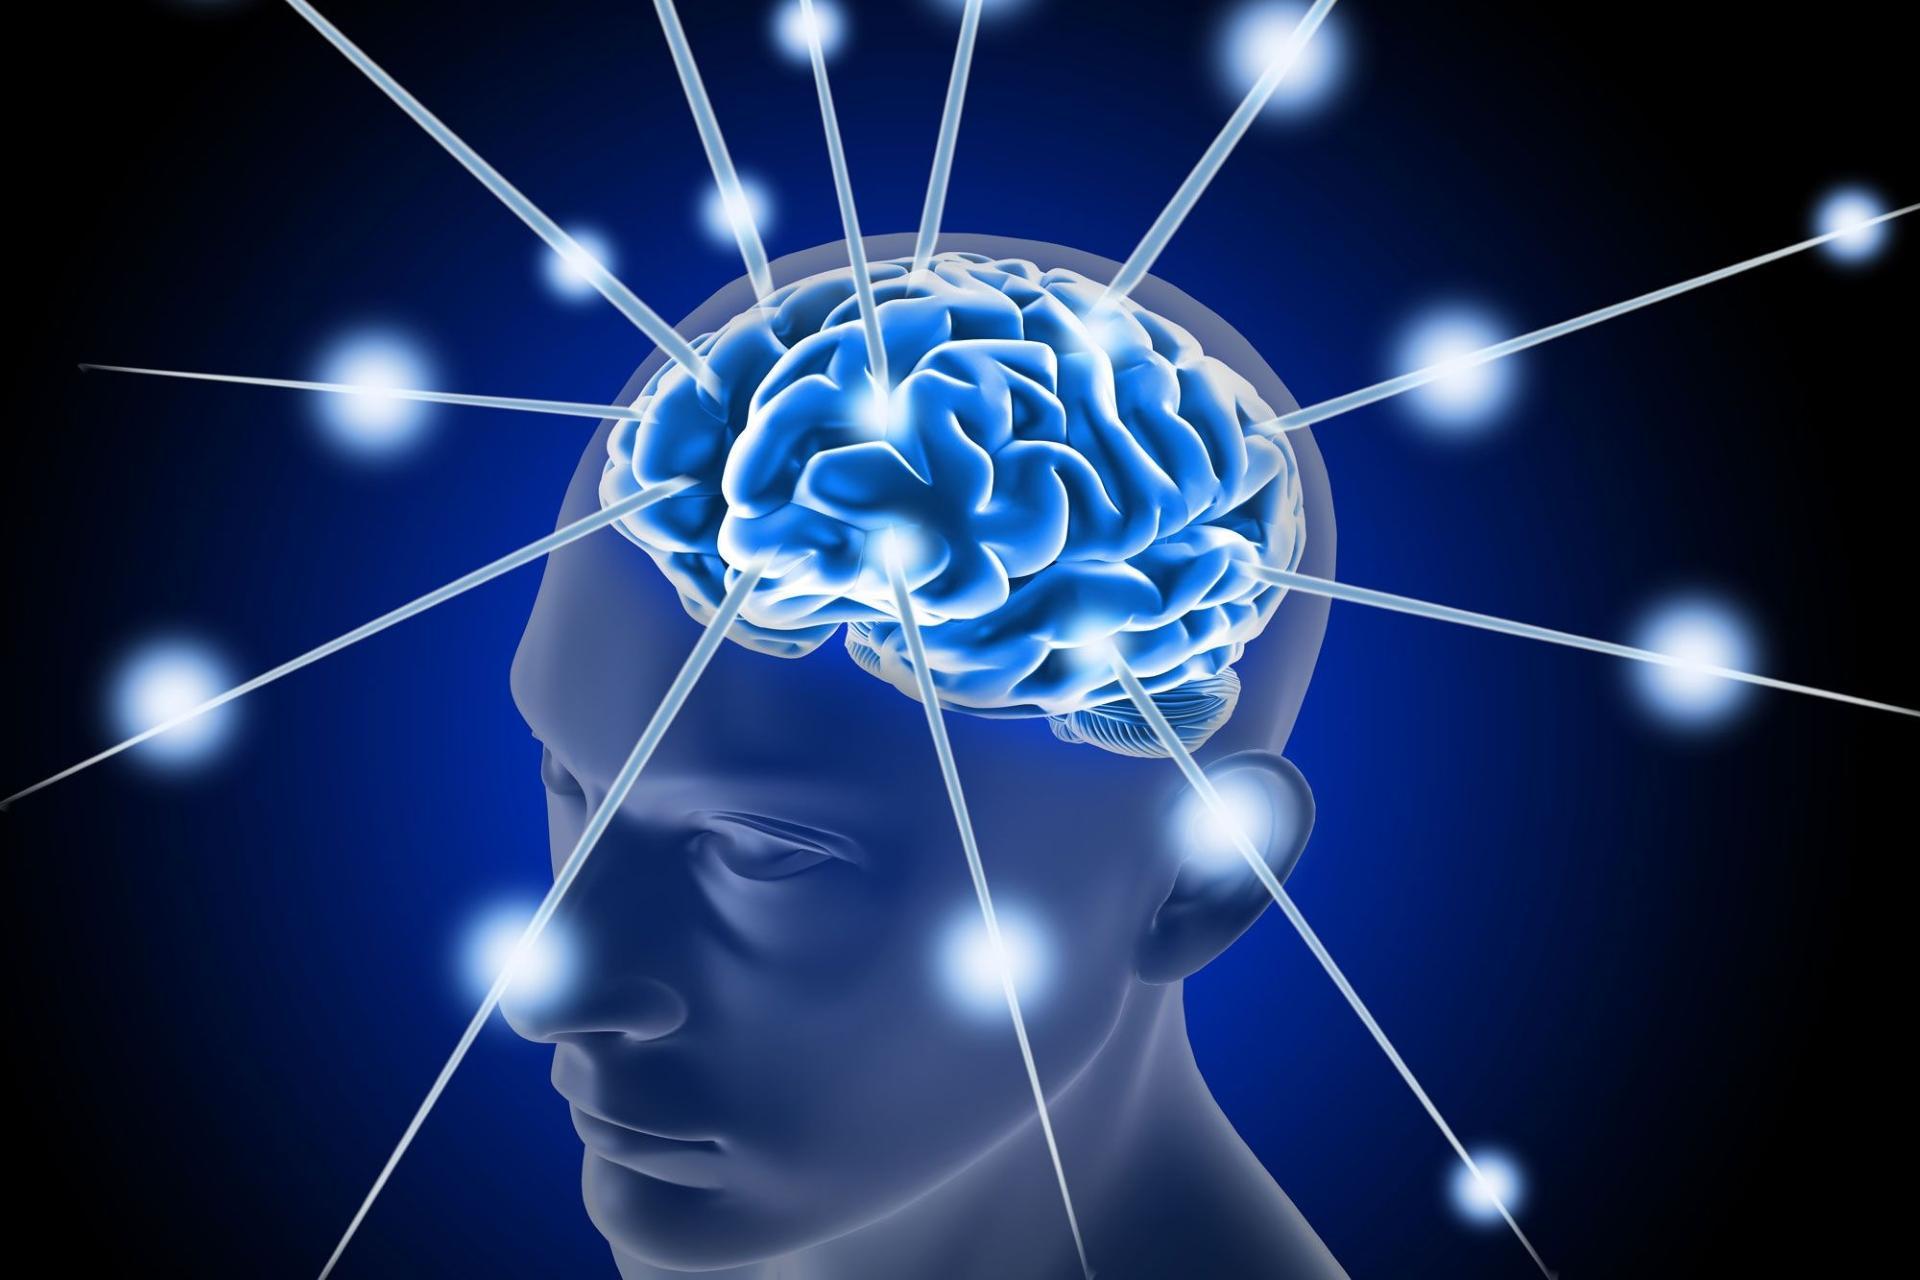 Исследователи разработали методику лечения деменции ультразвуком